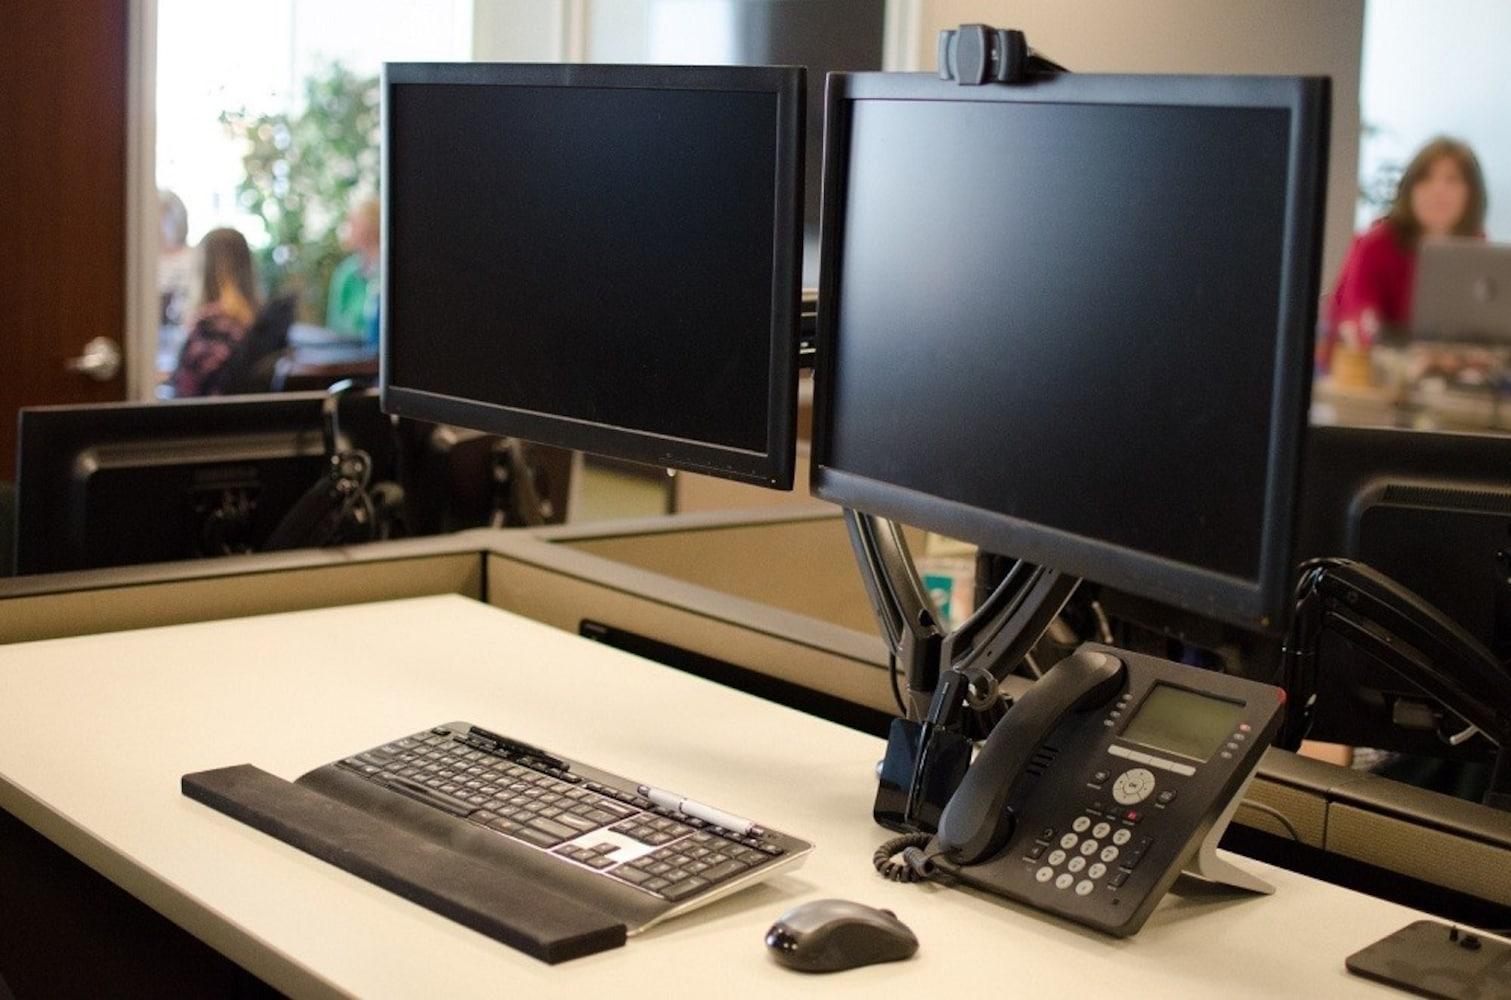 モニターアーム|スペースを有効活用して作業効率アップ